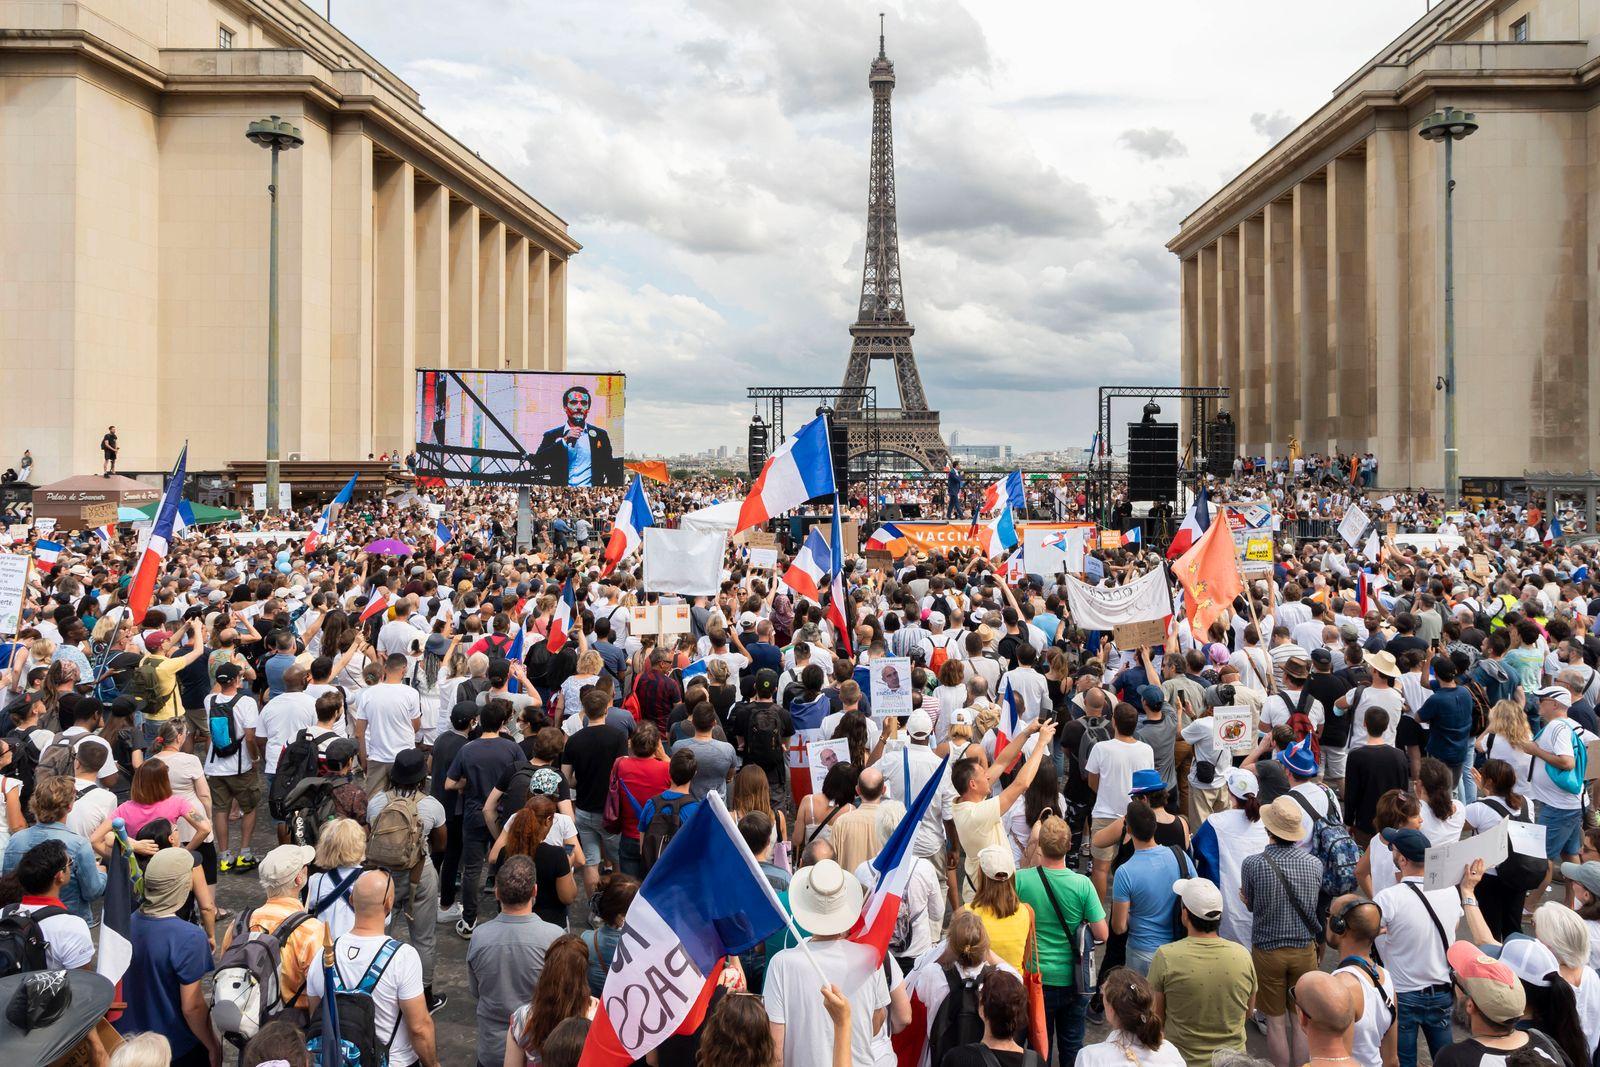 Frankreich, Proteste gegen den Gesundheitspass in Paris Paris, France July 24, 2021 - Demonstration against the health